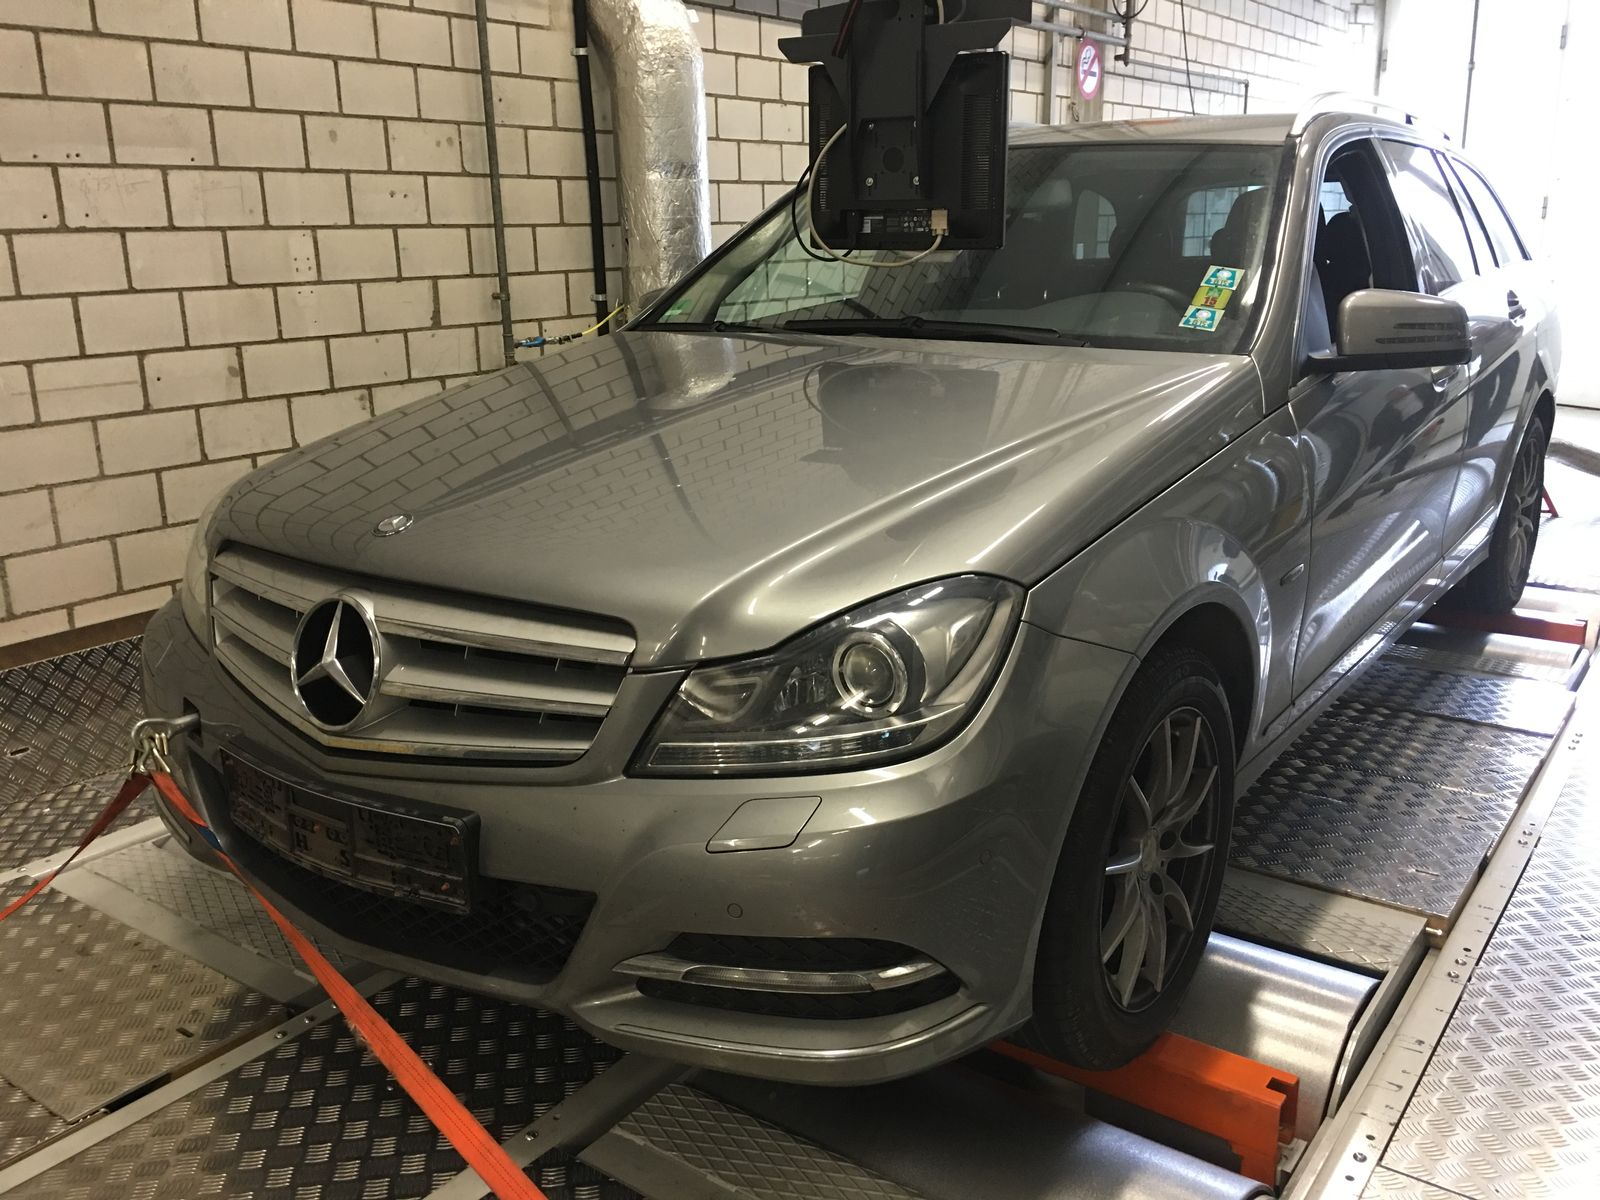 DUH/ Mercedes/ Abgastest